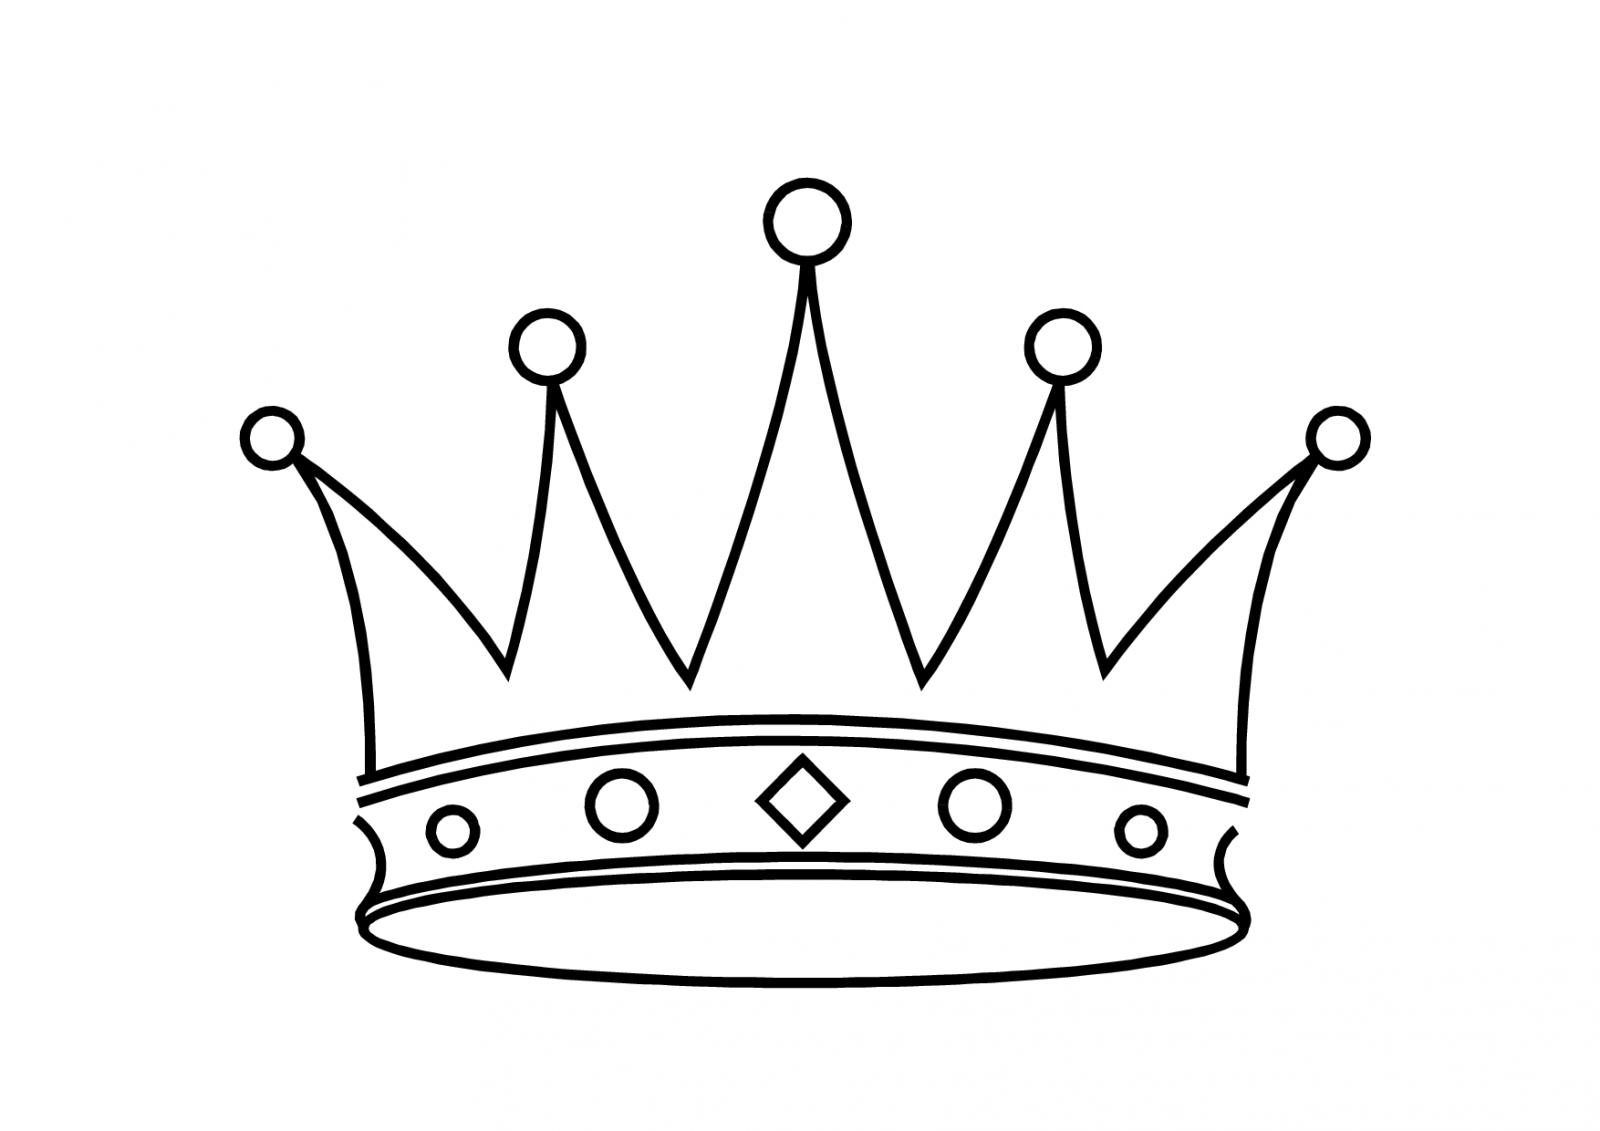 Dibujos Para Colorear De Coronas Imagui Corona Crown Template